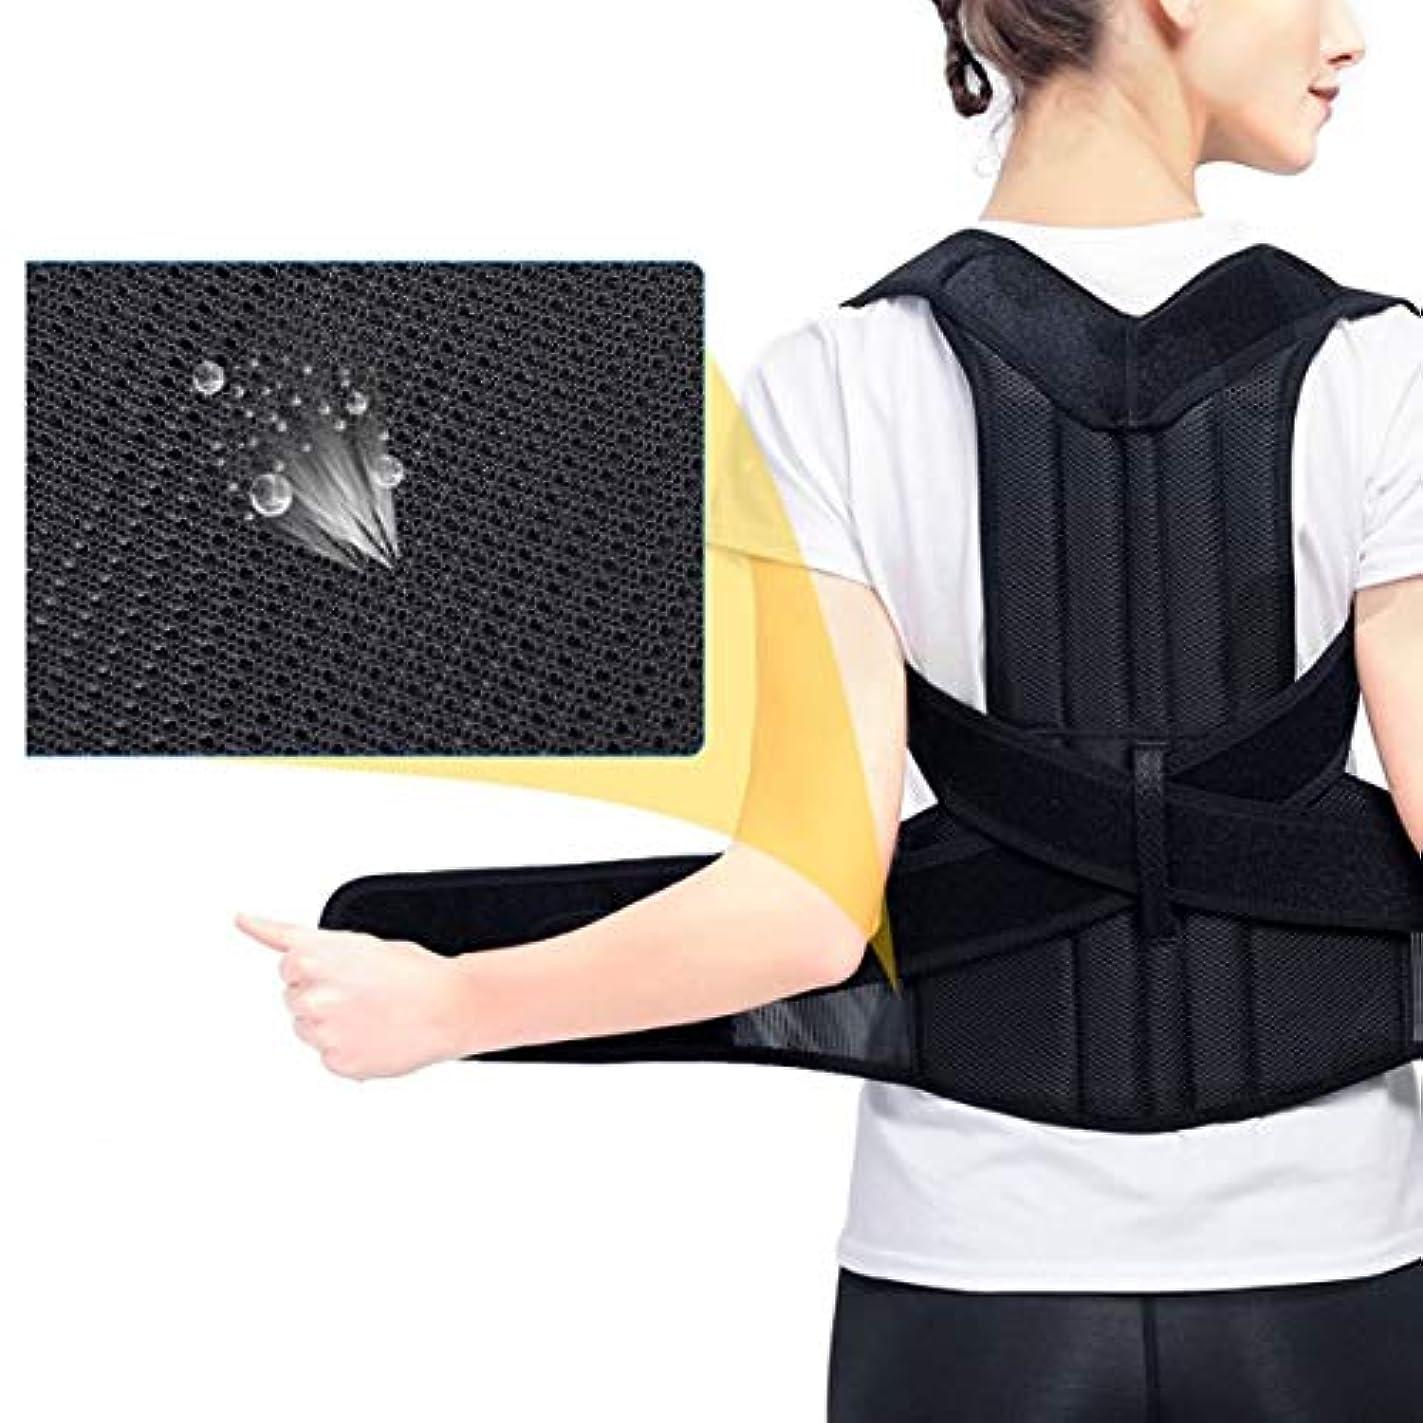 すり減る噴火計算する腰椎矯正バックブレース背骨装具側弯症腰椎サポート脊椎湾曲装具固定用姿勢 - 黒